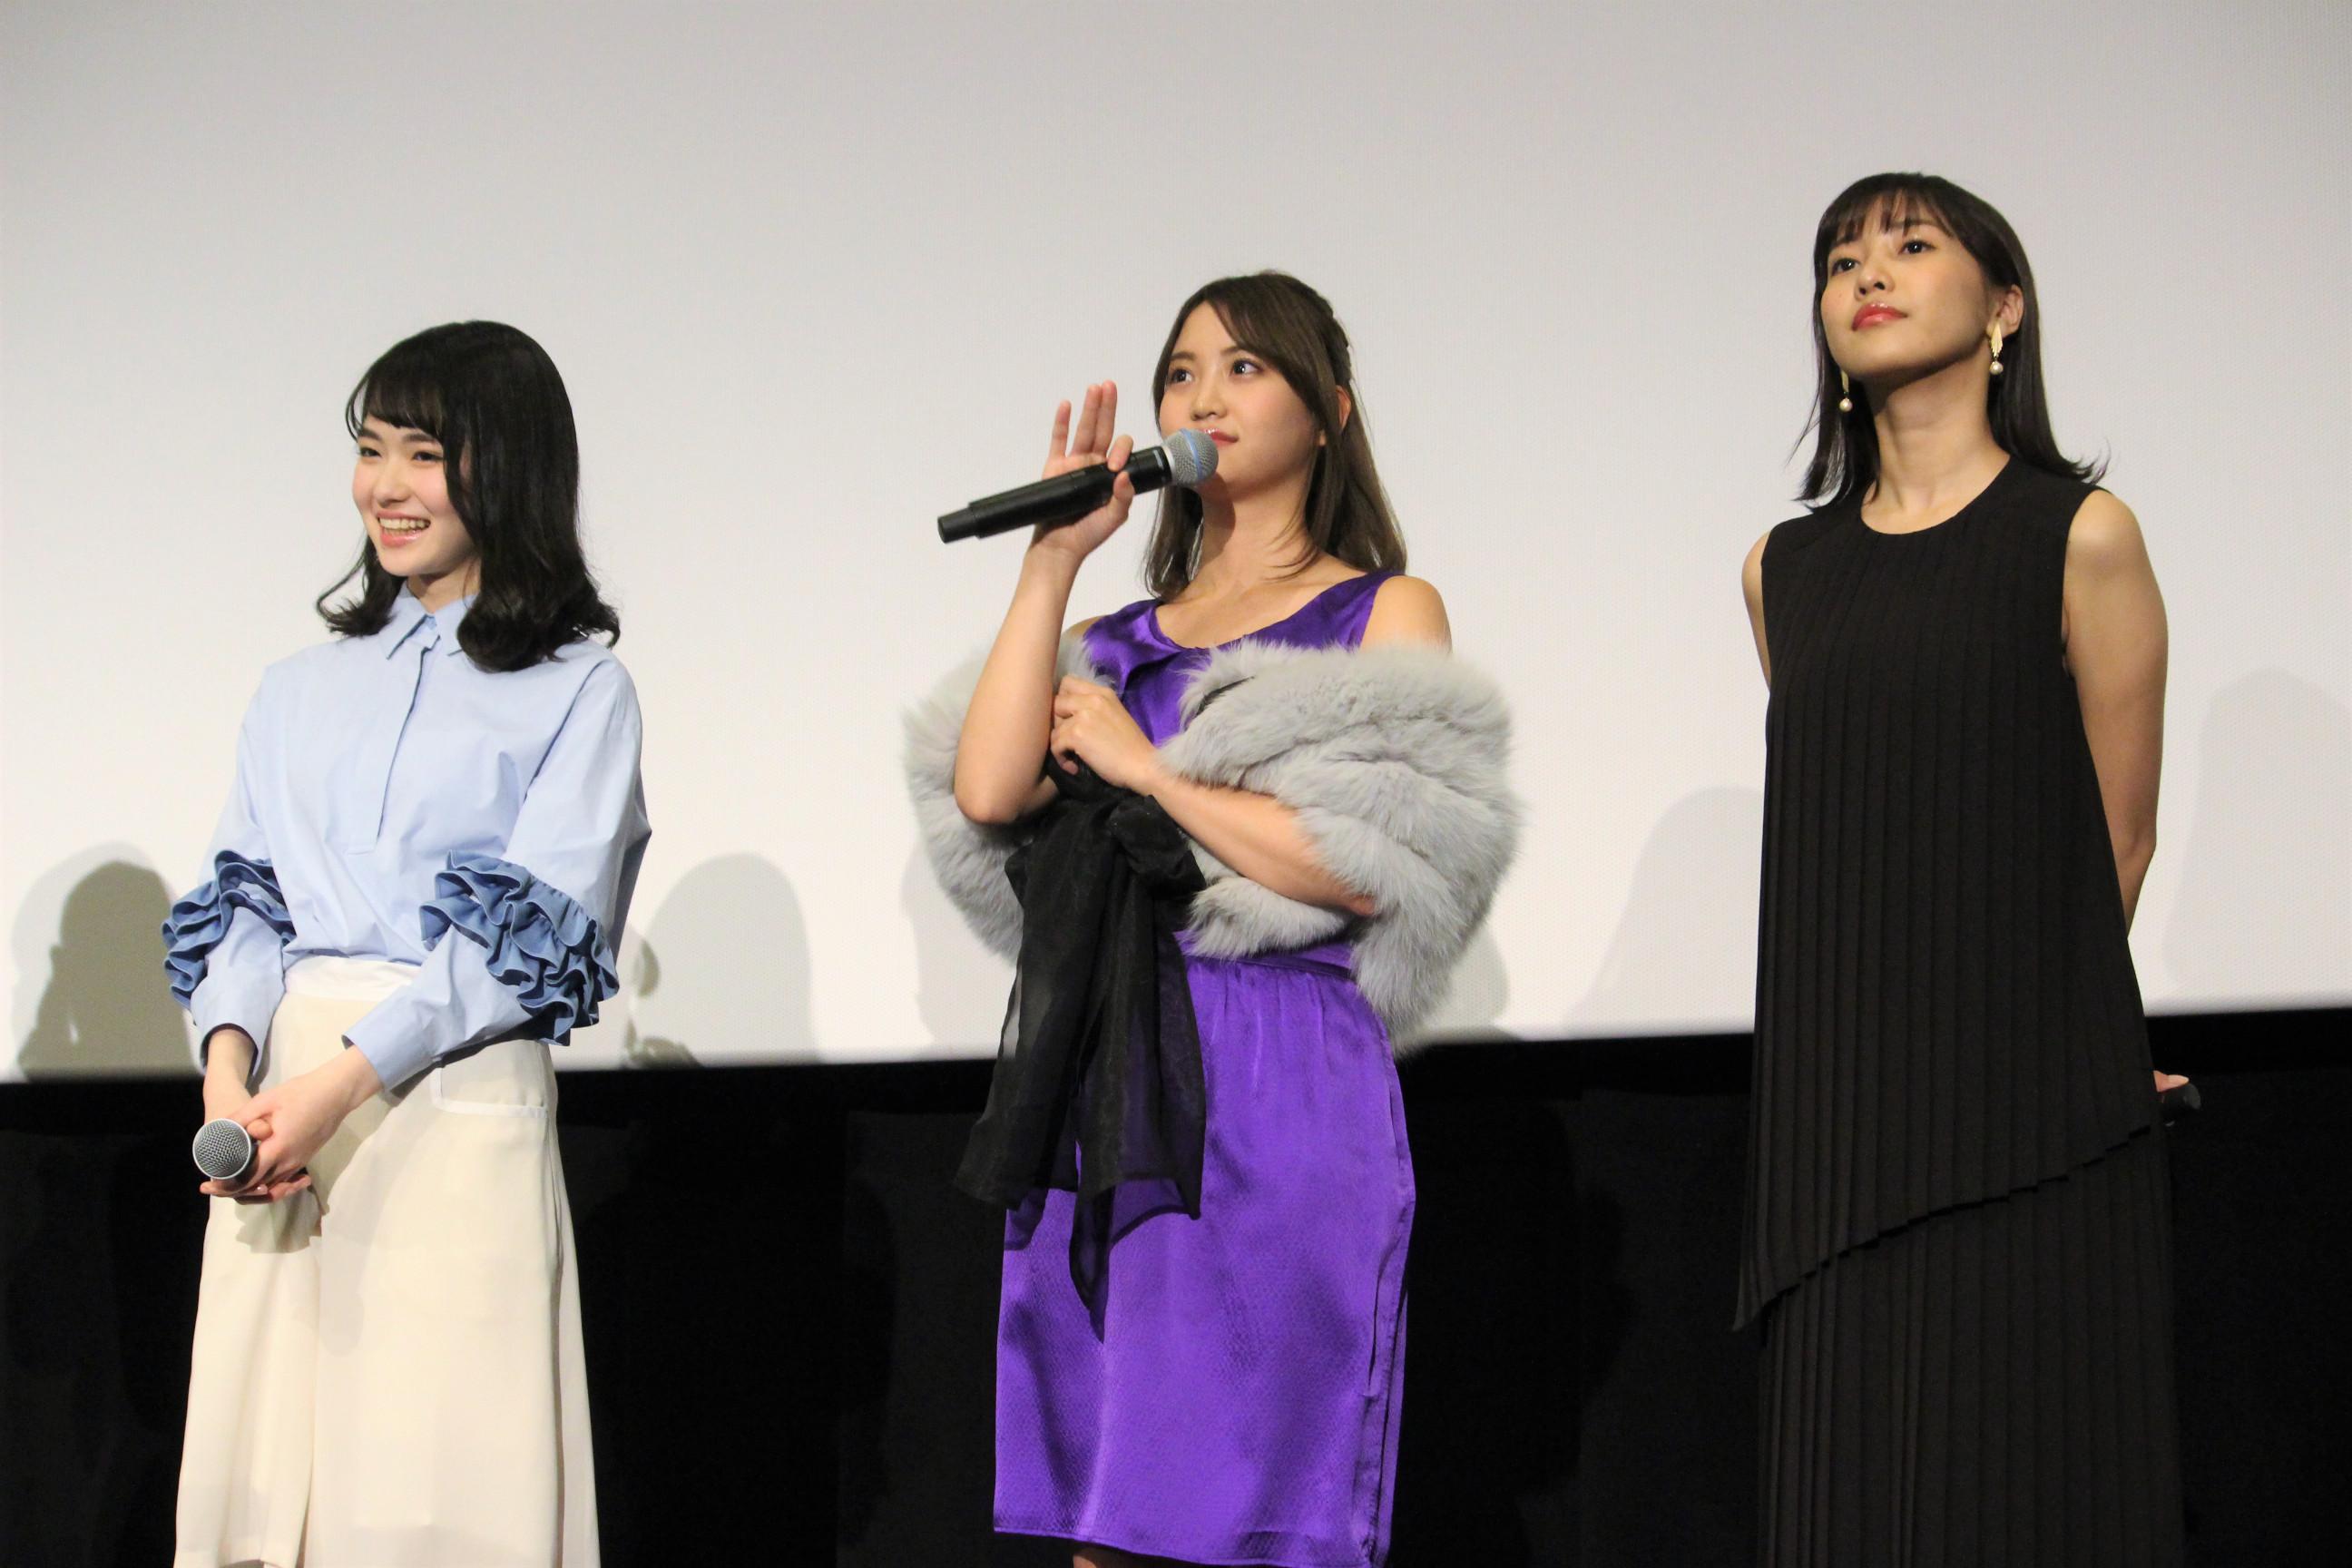 左から、山田杏奈、永尾まりや、佐野ひなこ